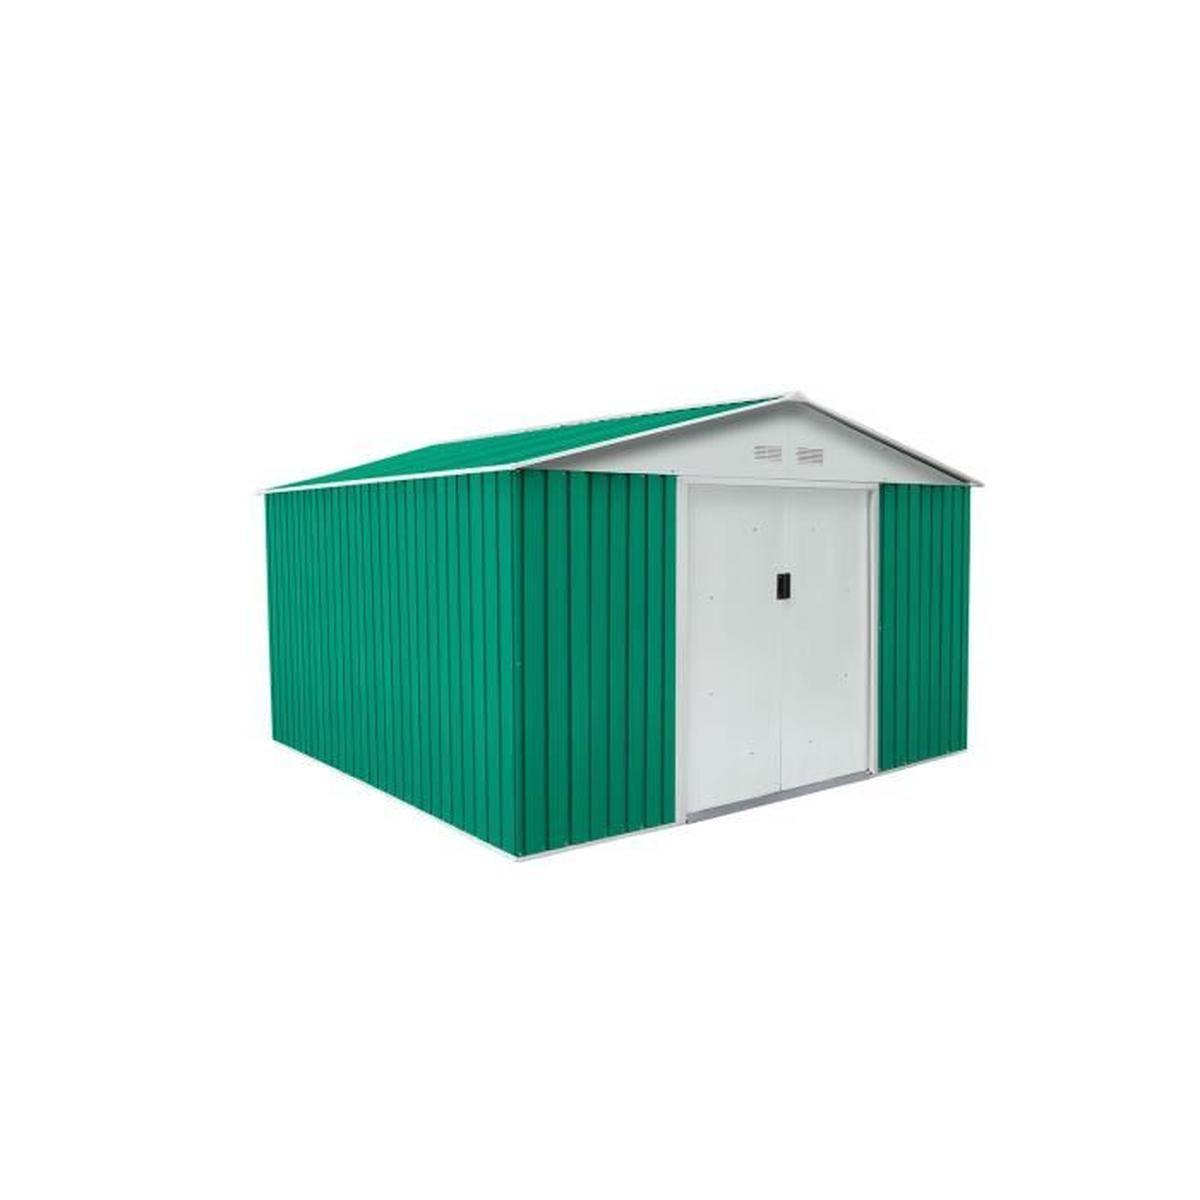 Abri De Jardin En Métal Bedford Vert/blanc 11,59 M² ... avec Abri De Jardin Magasin Vert